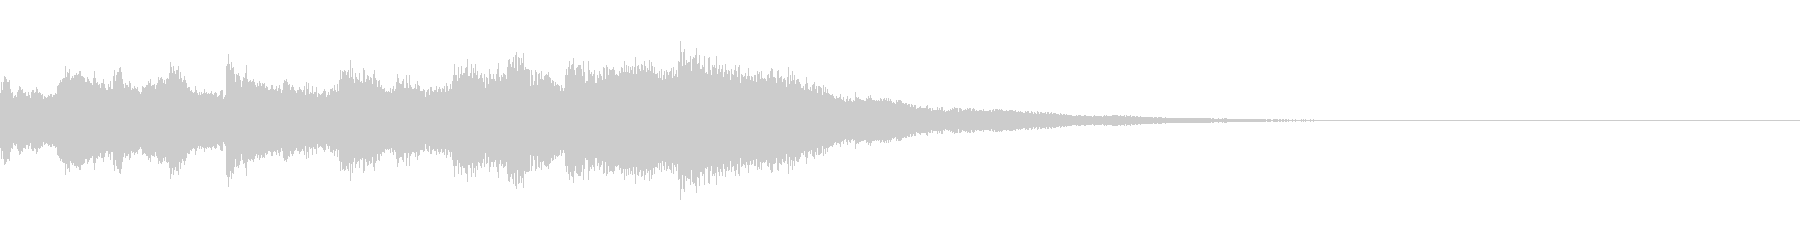 キラキラしたジングル(ステレオ)の未再生の波形